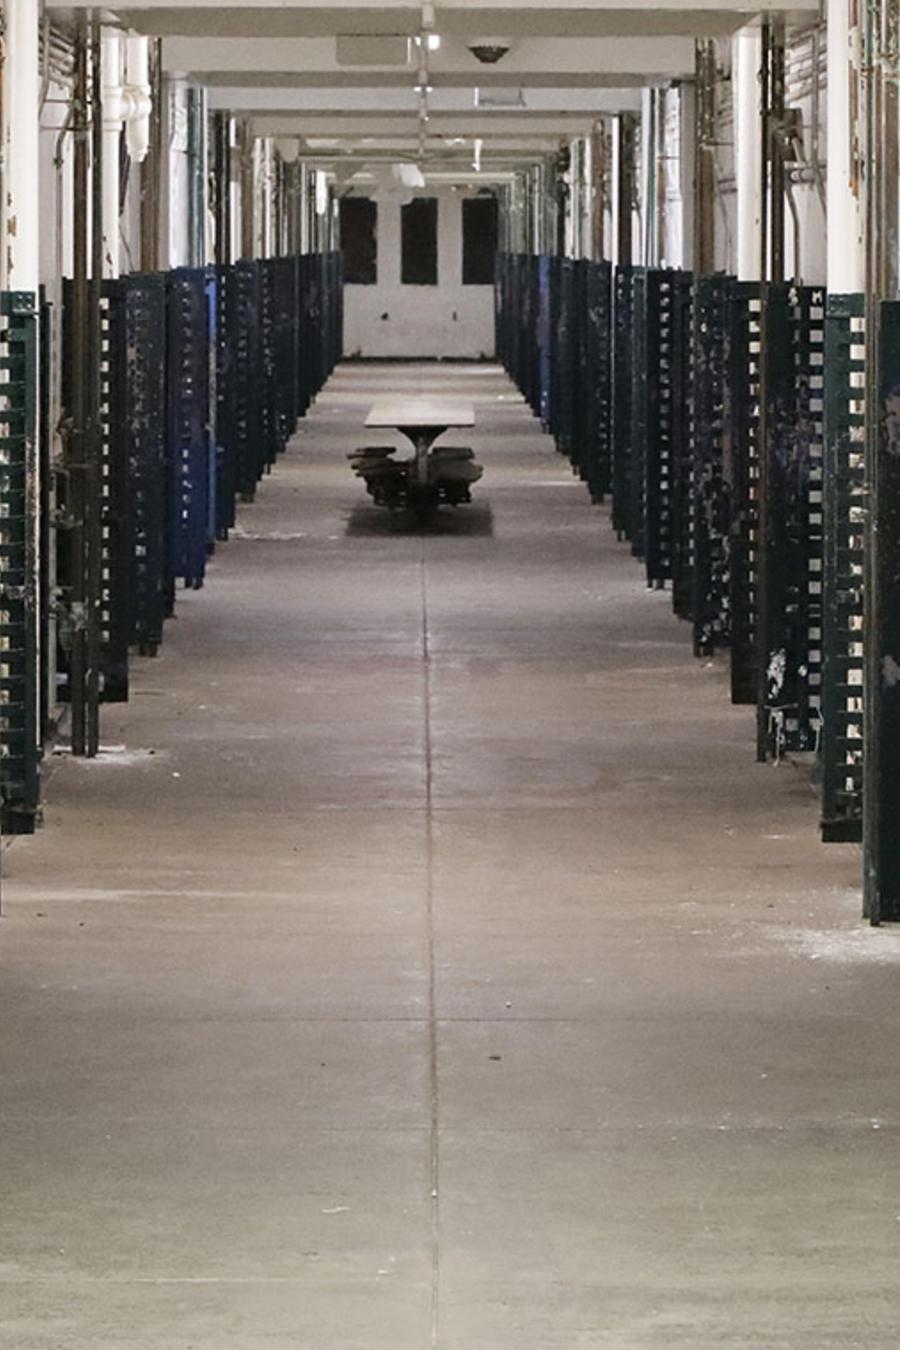 Imagen de las celdas de un centro de detención en Filadelfia.